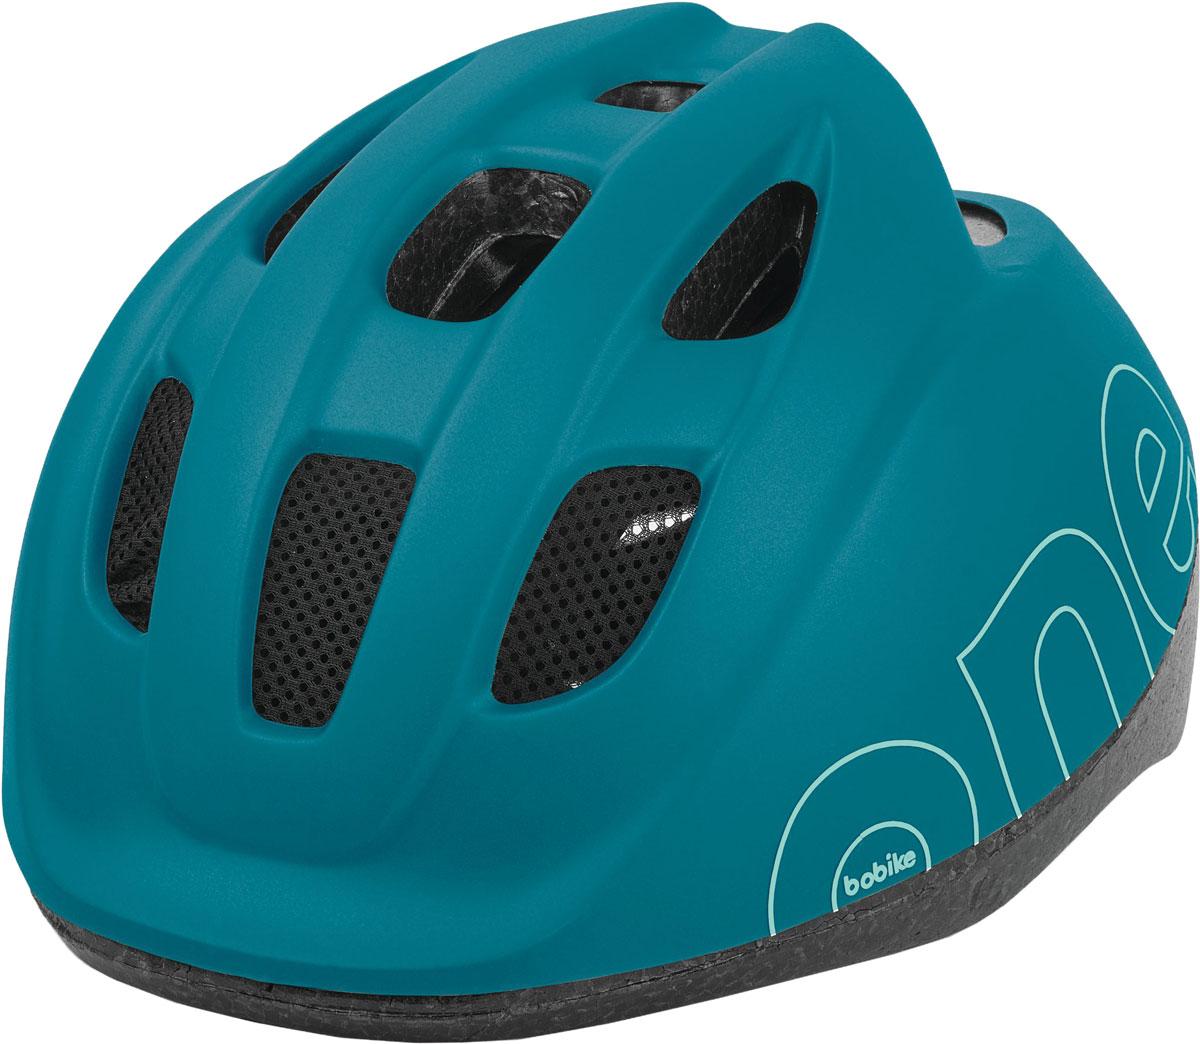 Шлем велосипедный Bobike One Bahama Blue, детский, цвет: голубой. Размер XS (46-53 см)